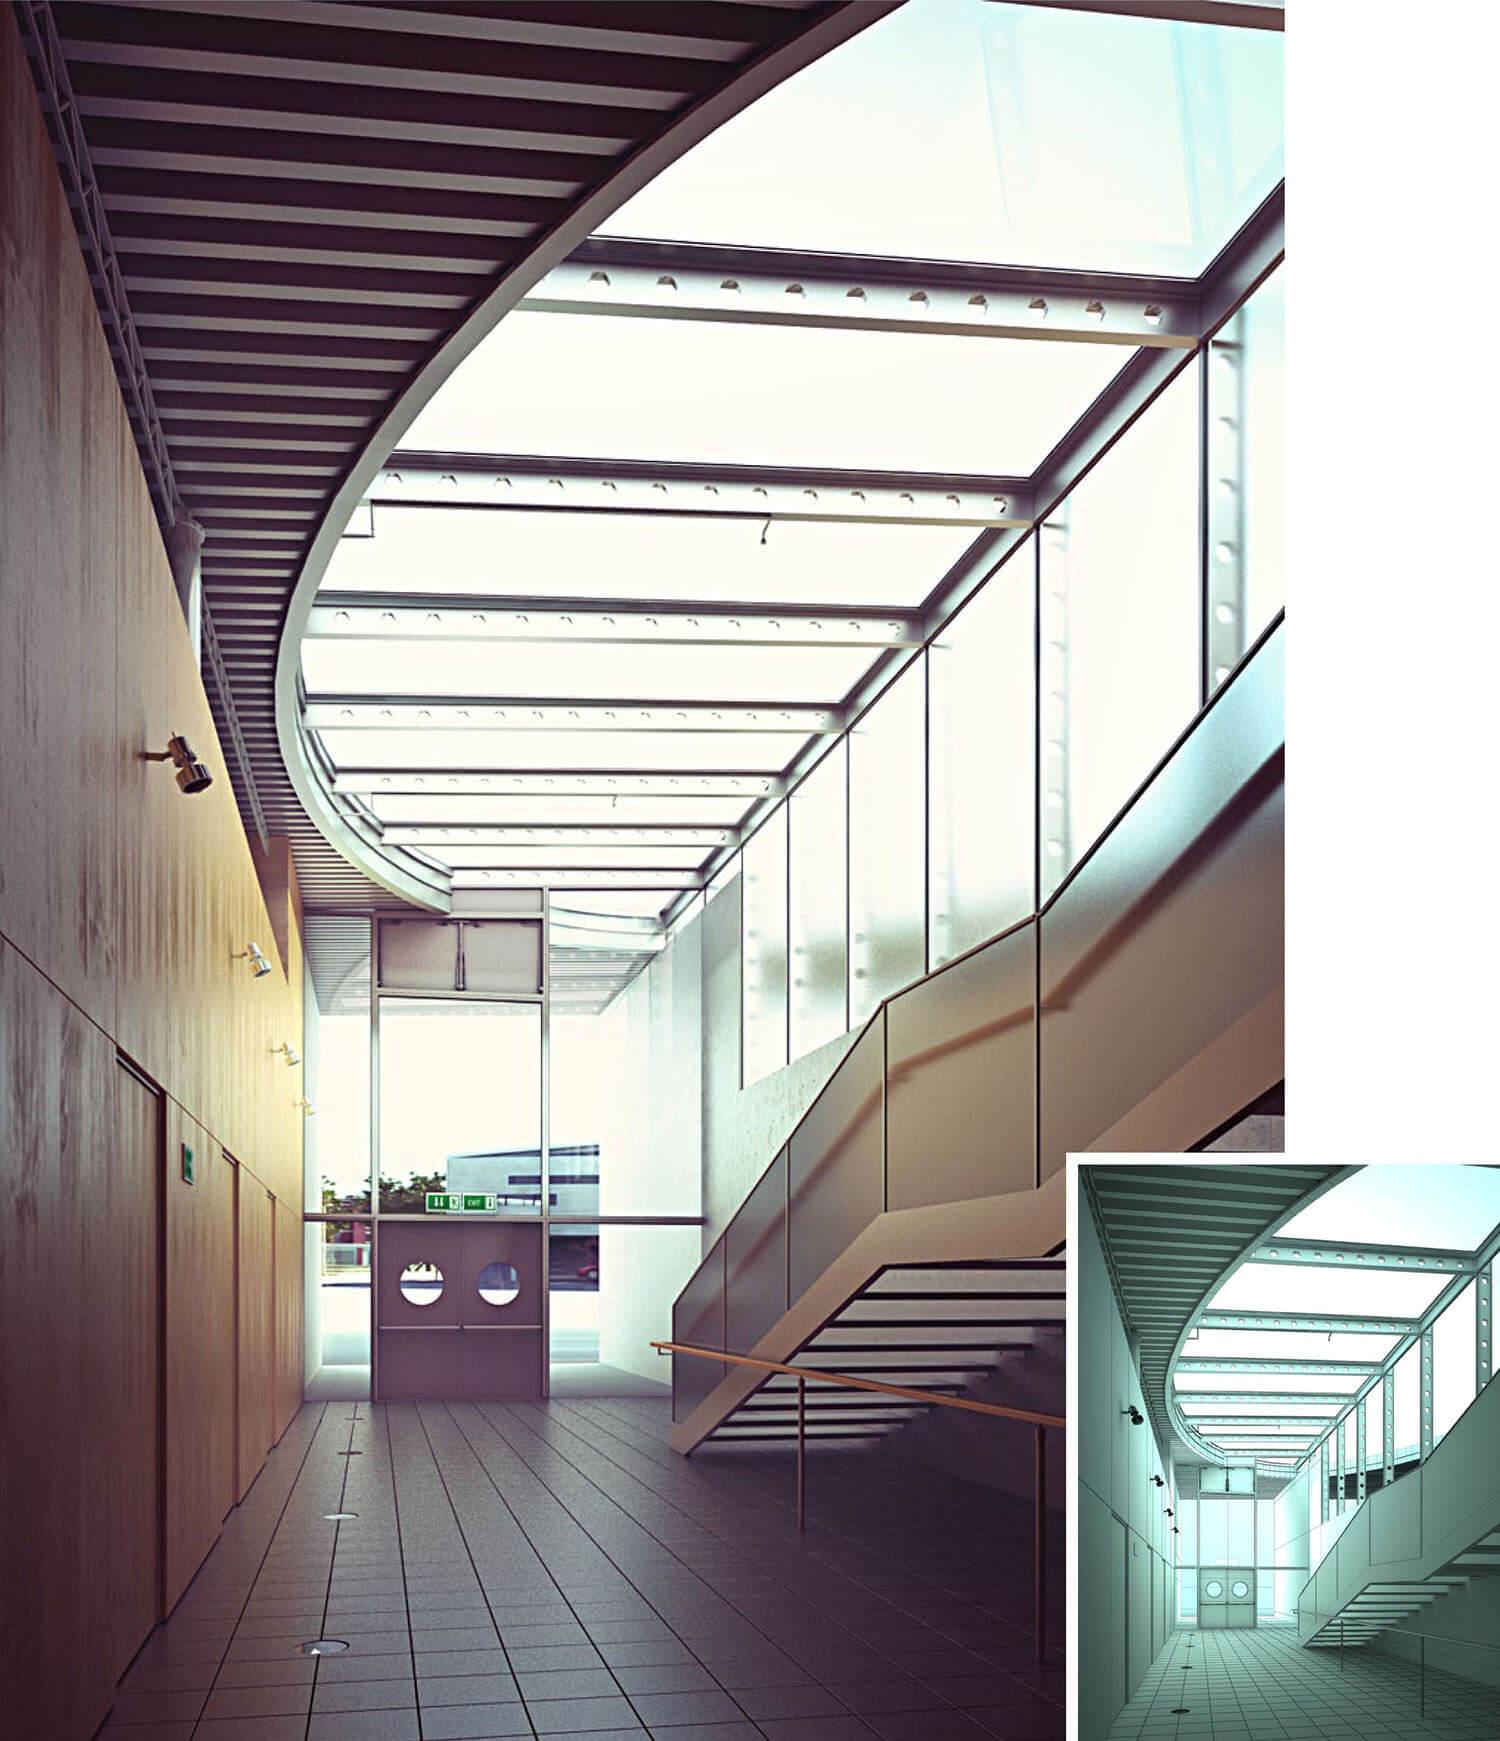 Ánh áng trong không gian cầu thang này thay đổi theo môi trường nhờ trần kính